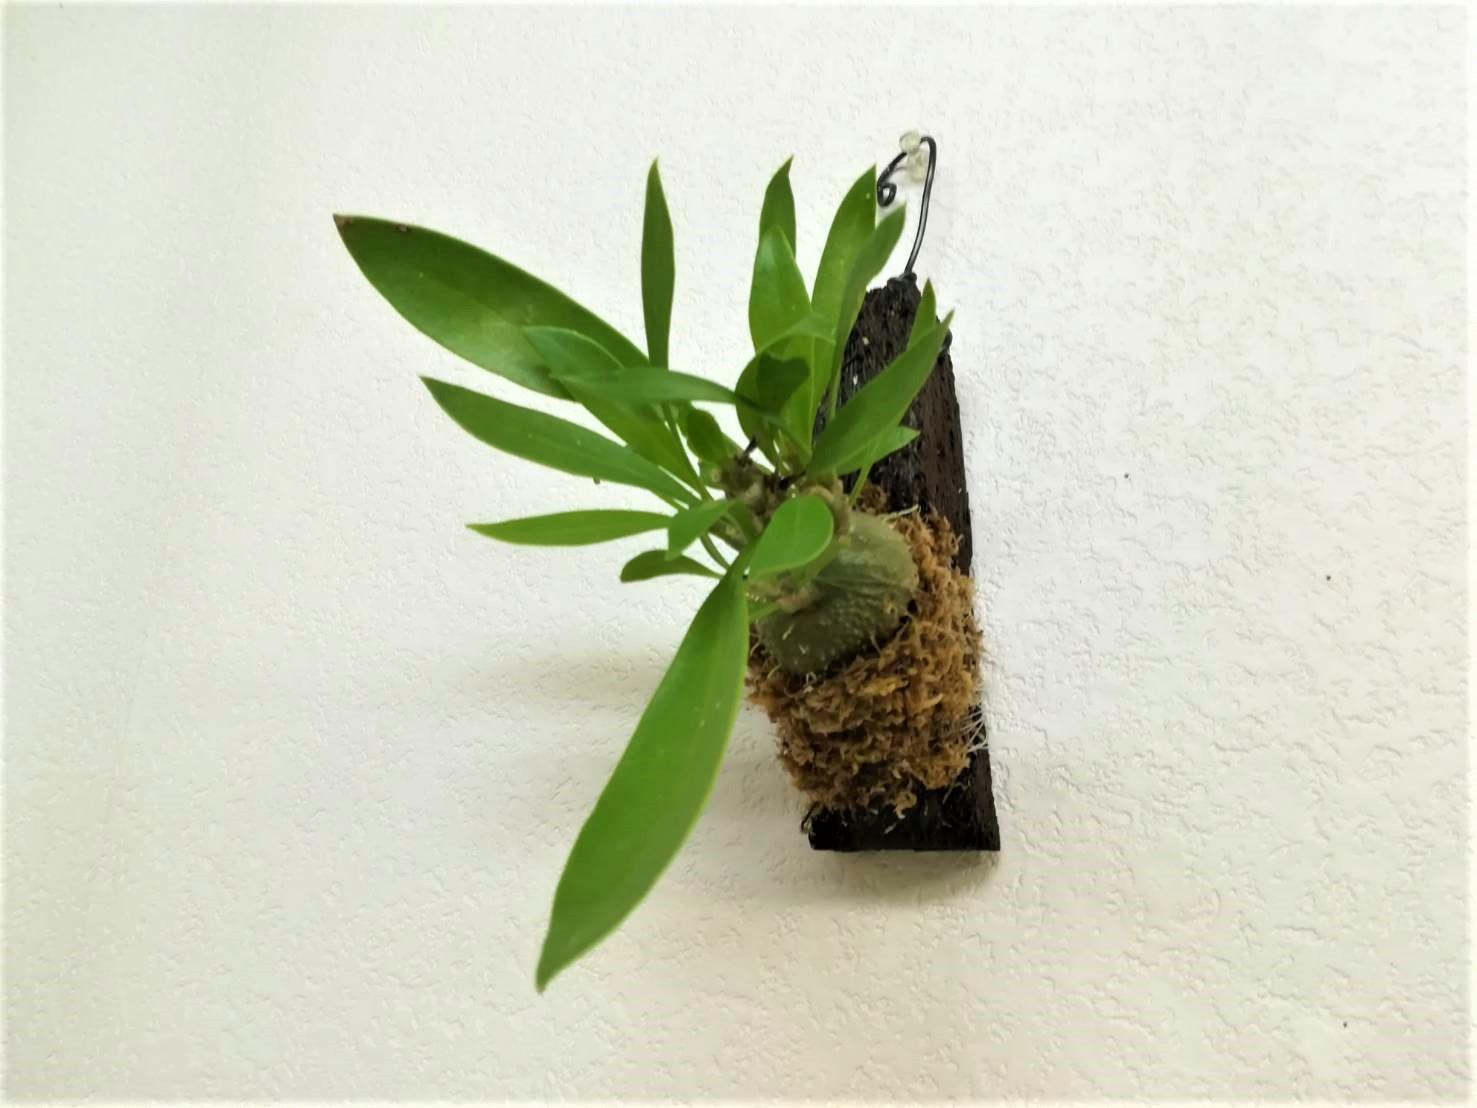 アリ植物「ミルメコディア ベッカリー」を板付に!≪アリ植物の育て方≫